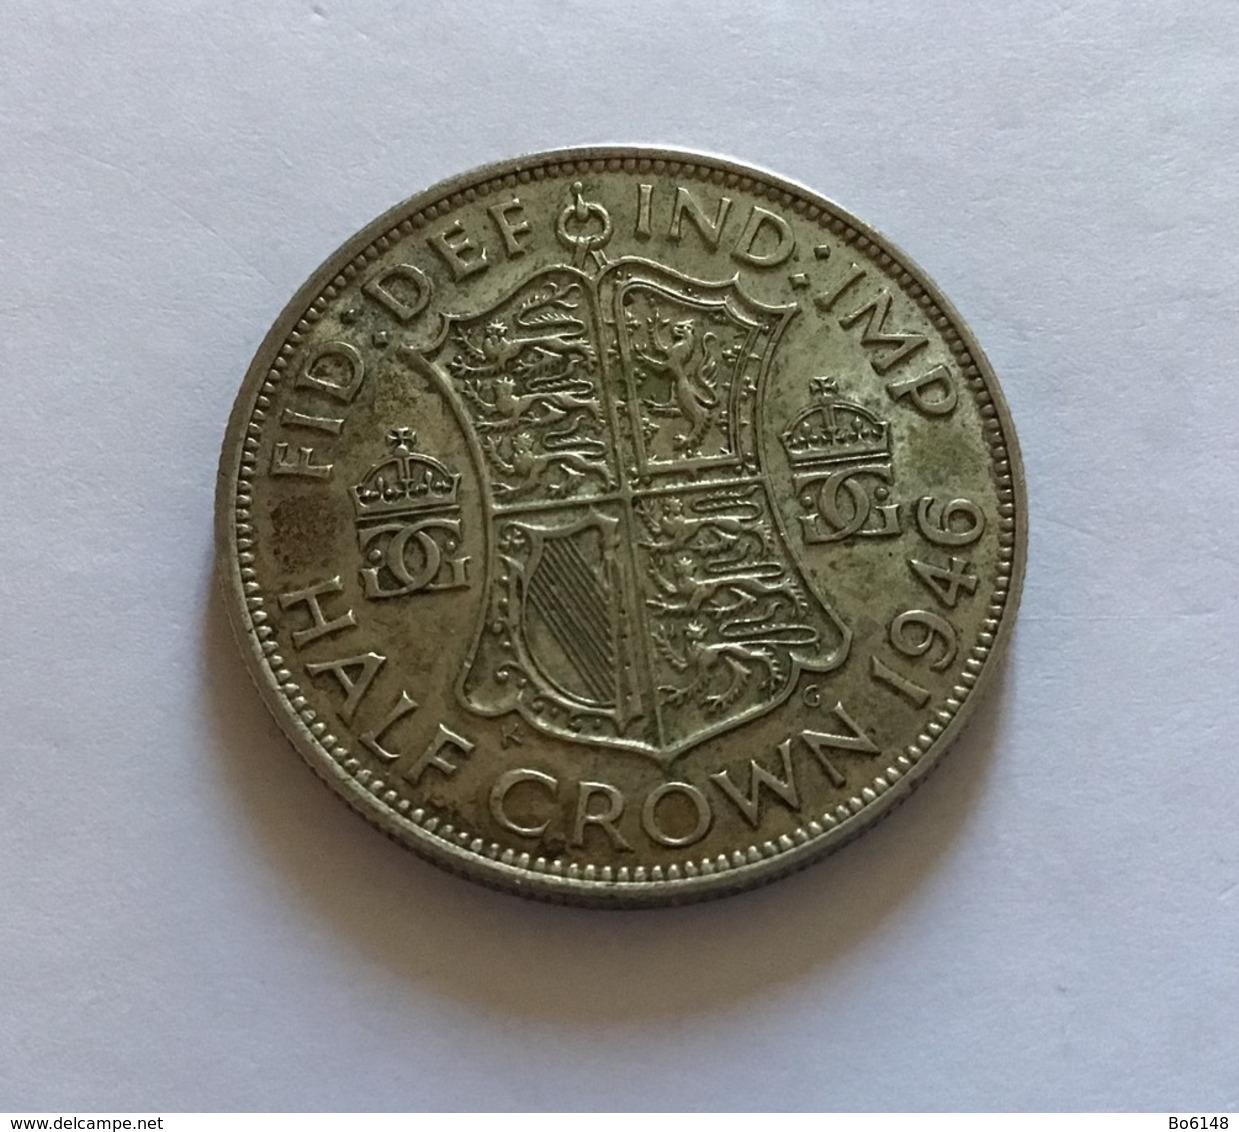 GRAN BRETAGNA  - ENGLAND - 1946 - 1/2 CROWN ARGENTO Giorgio VI - Altri